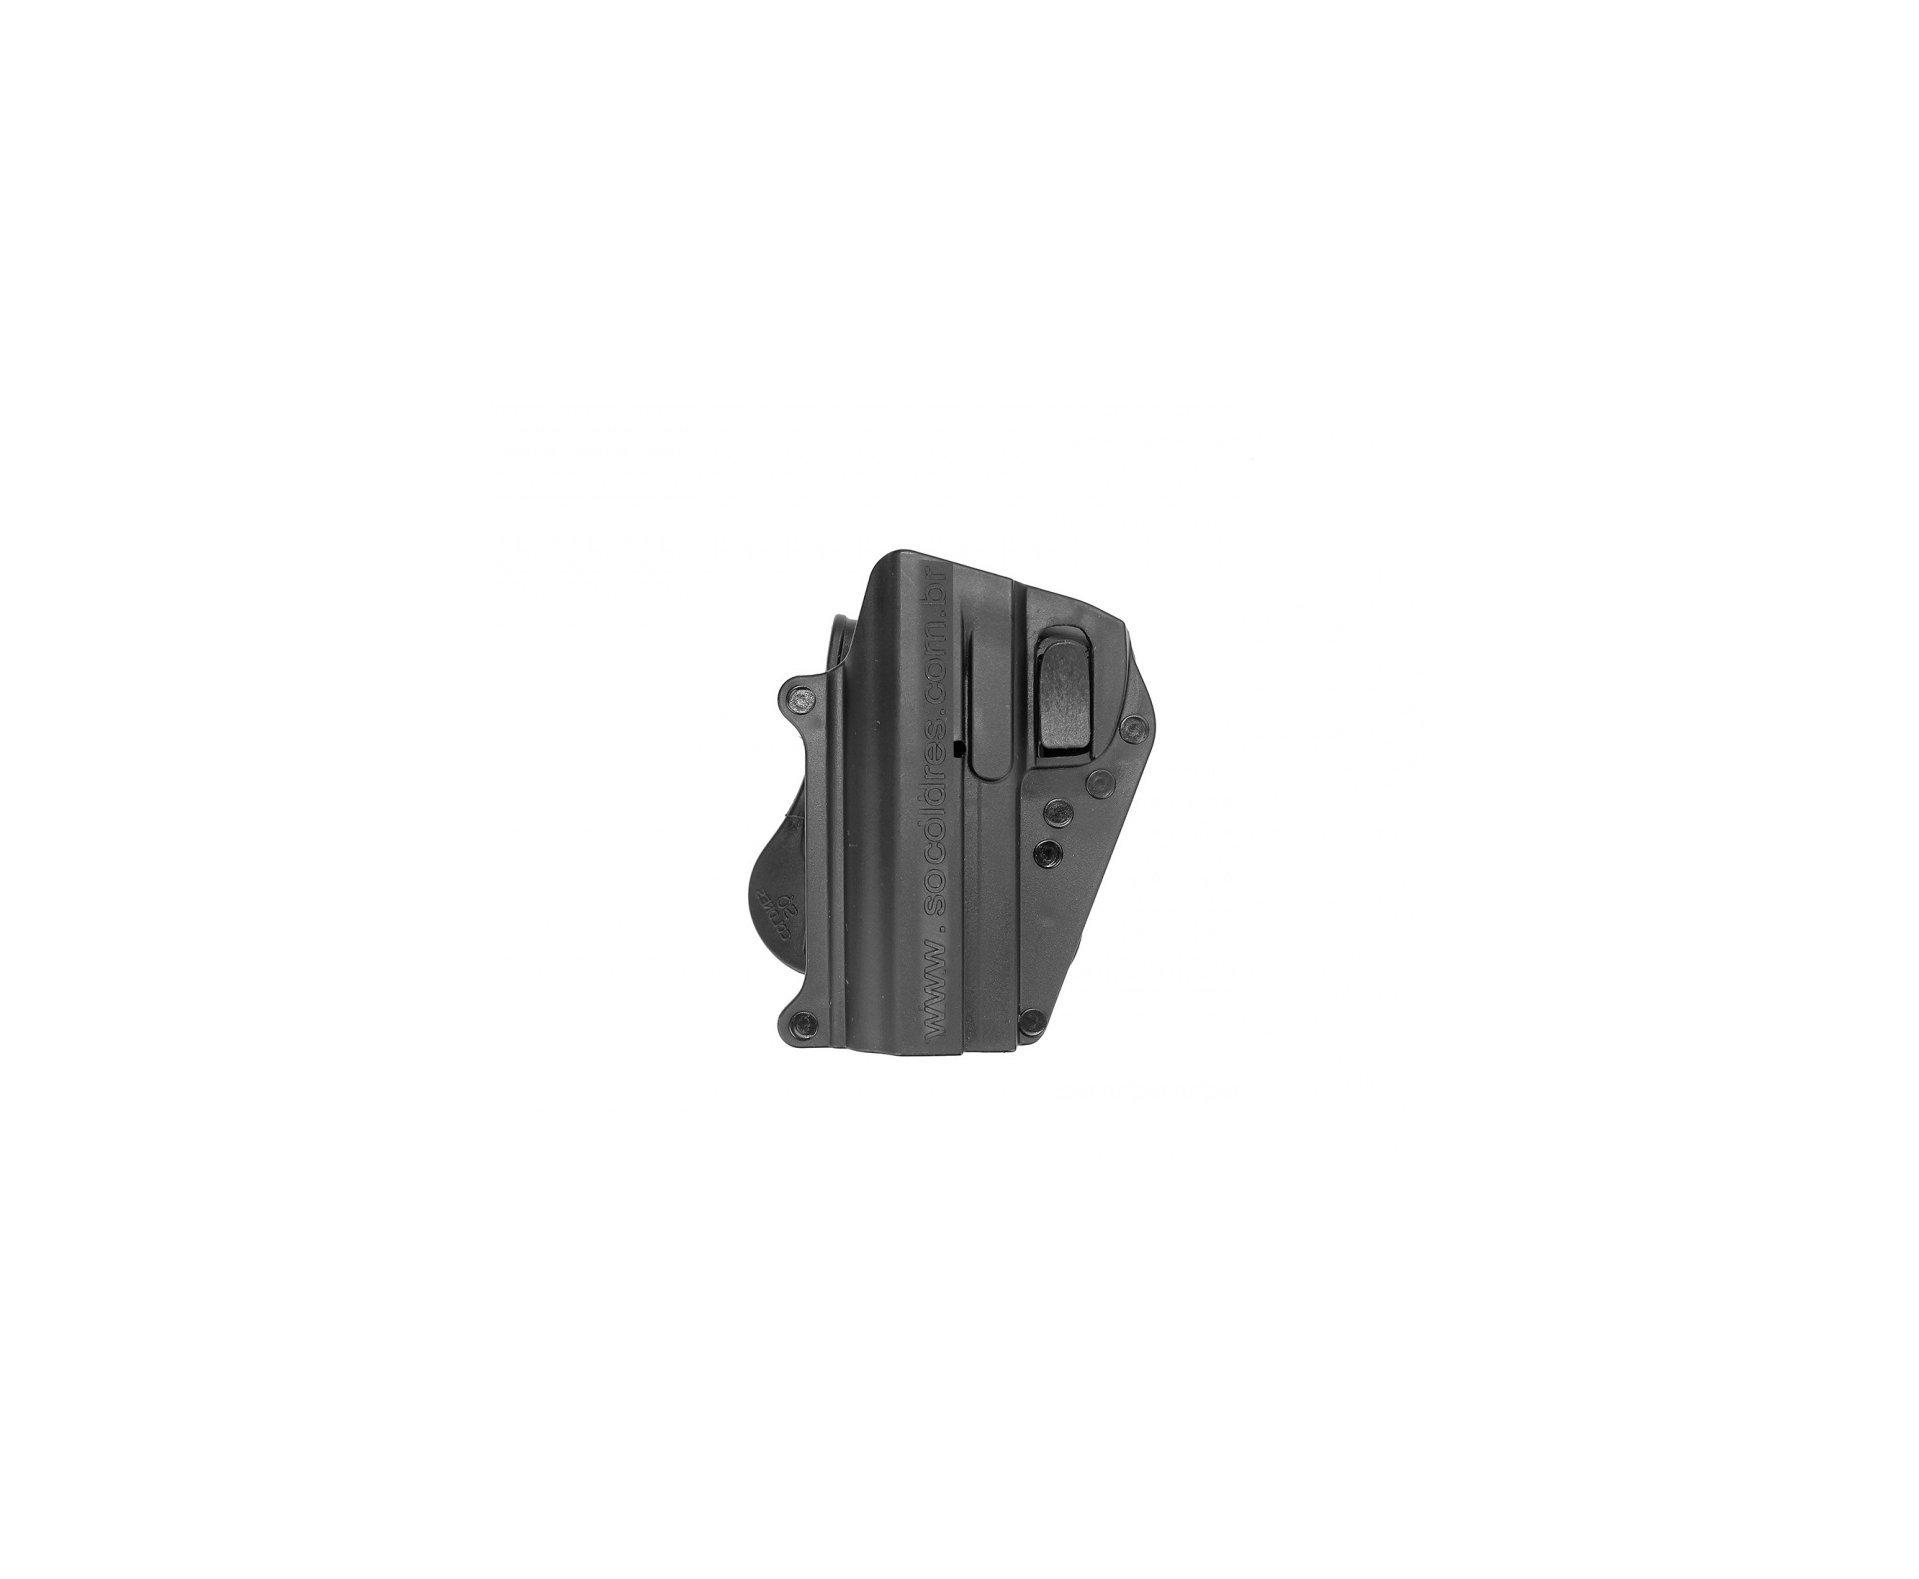 Coldre Cintura Para Pistola Imbel M1d 1,2,5 E Pt100 Canhoto So Coldres